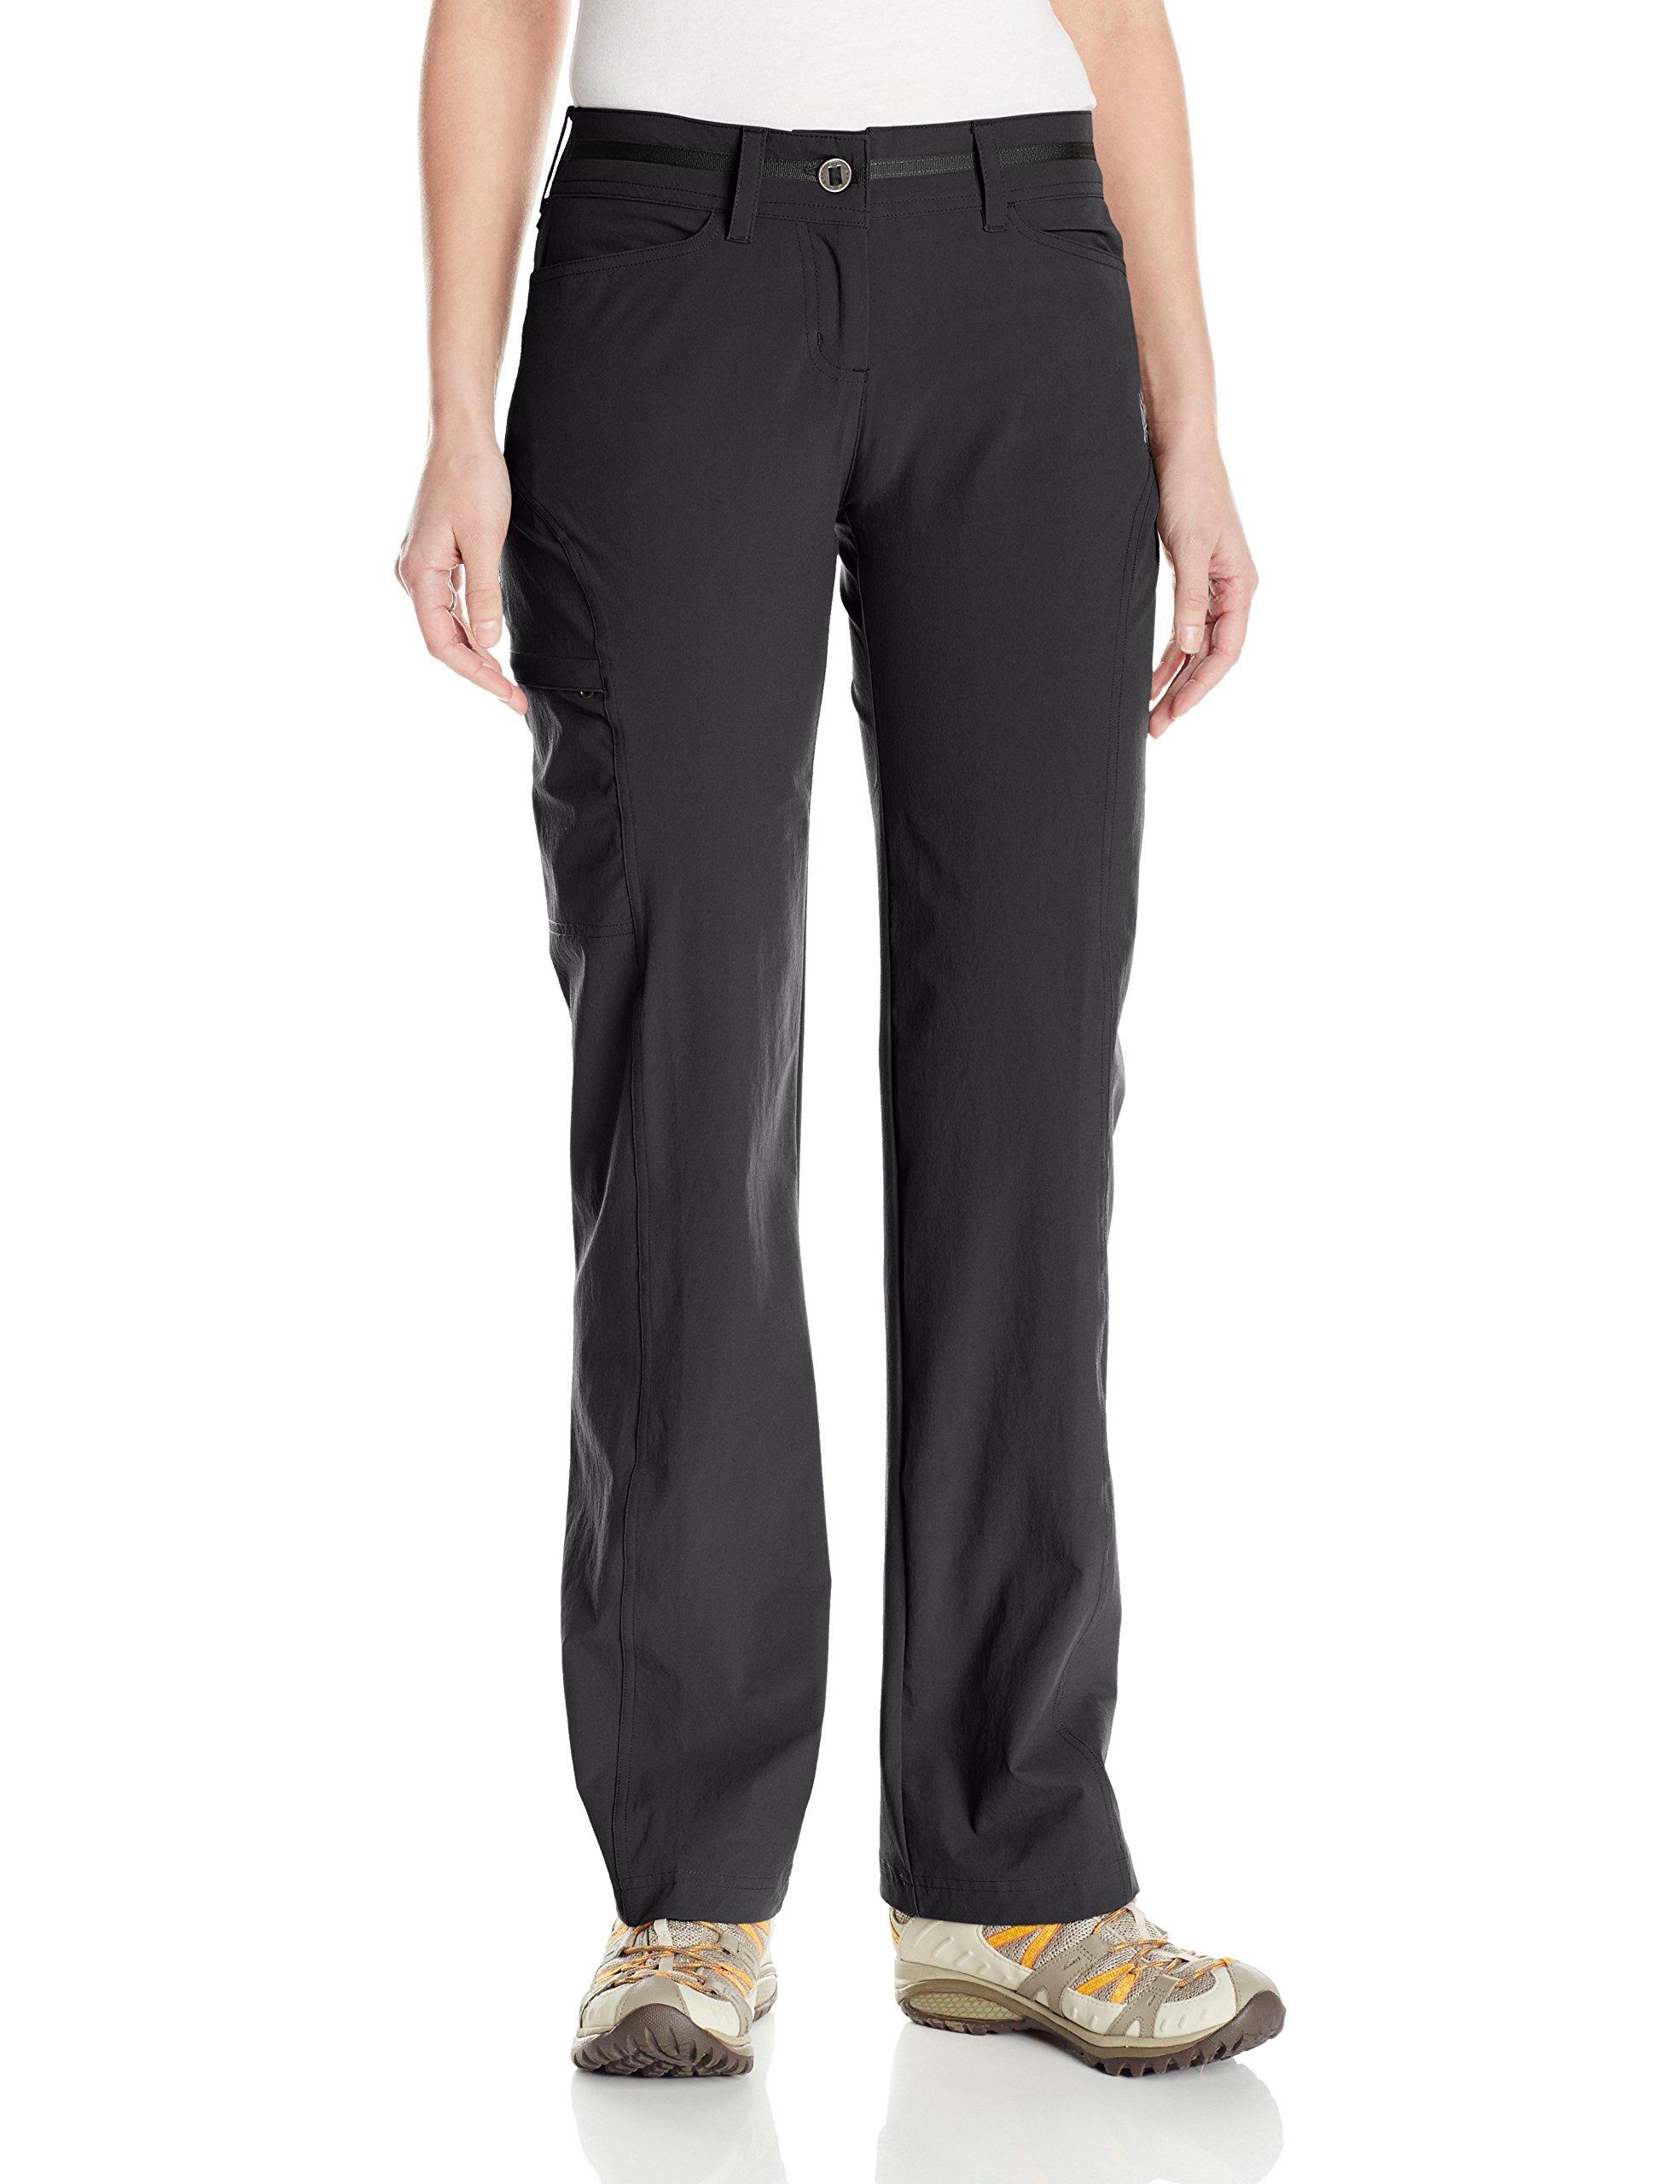 ExOfficio Women's Kukura Pants, Black, 8